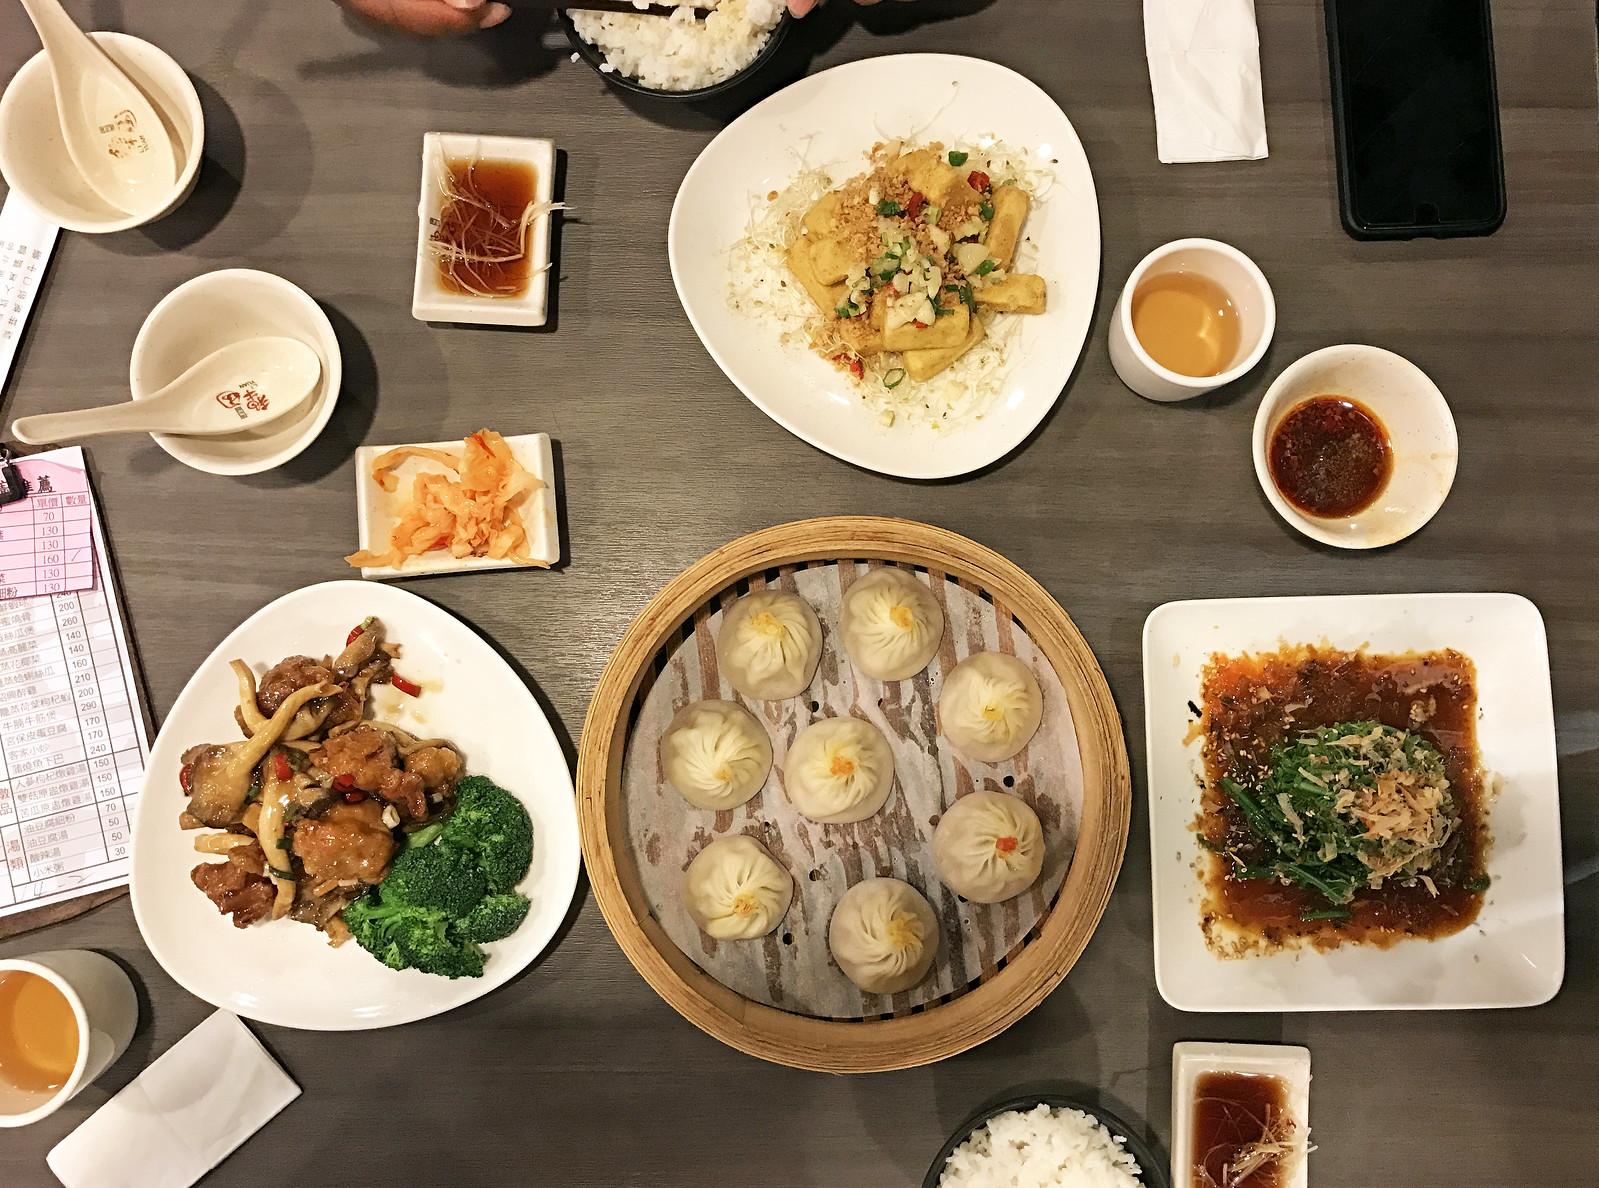 Dinner at Li Yuan Dumplings